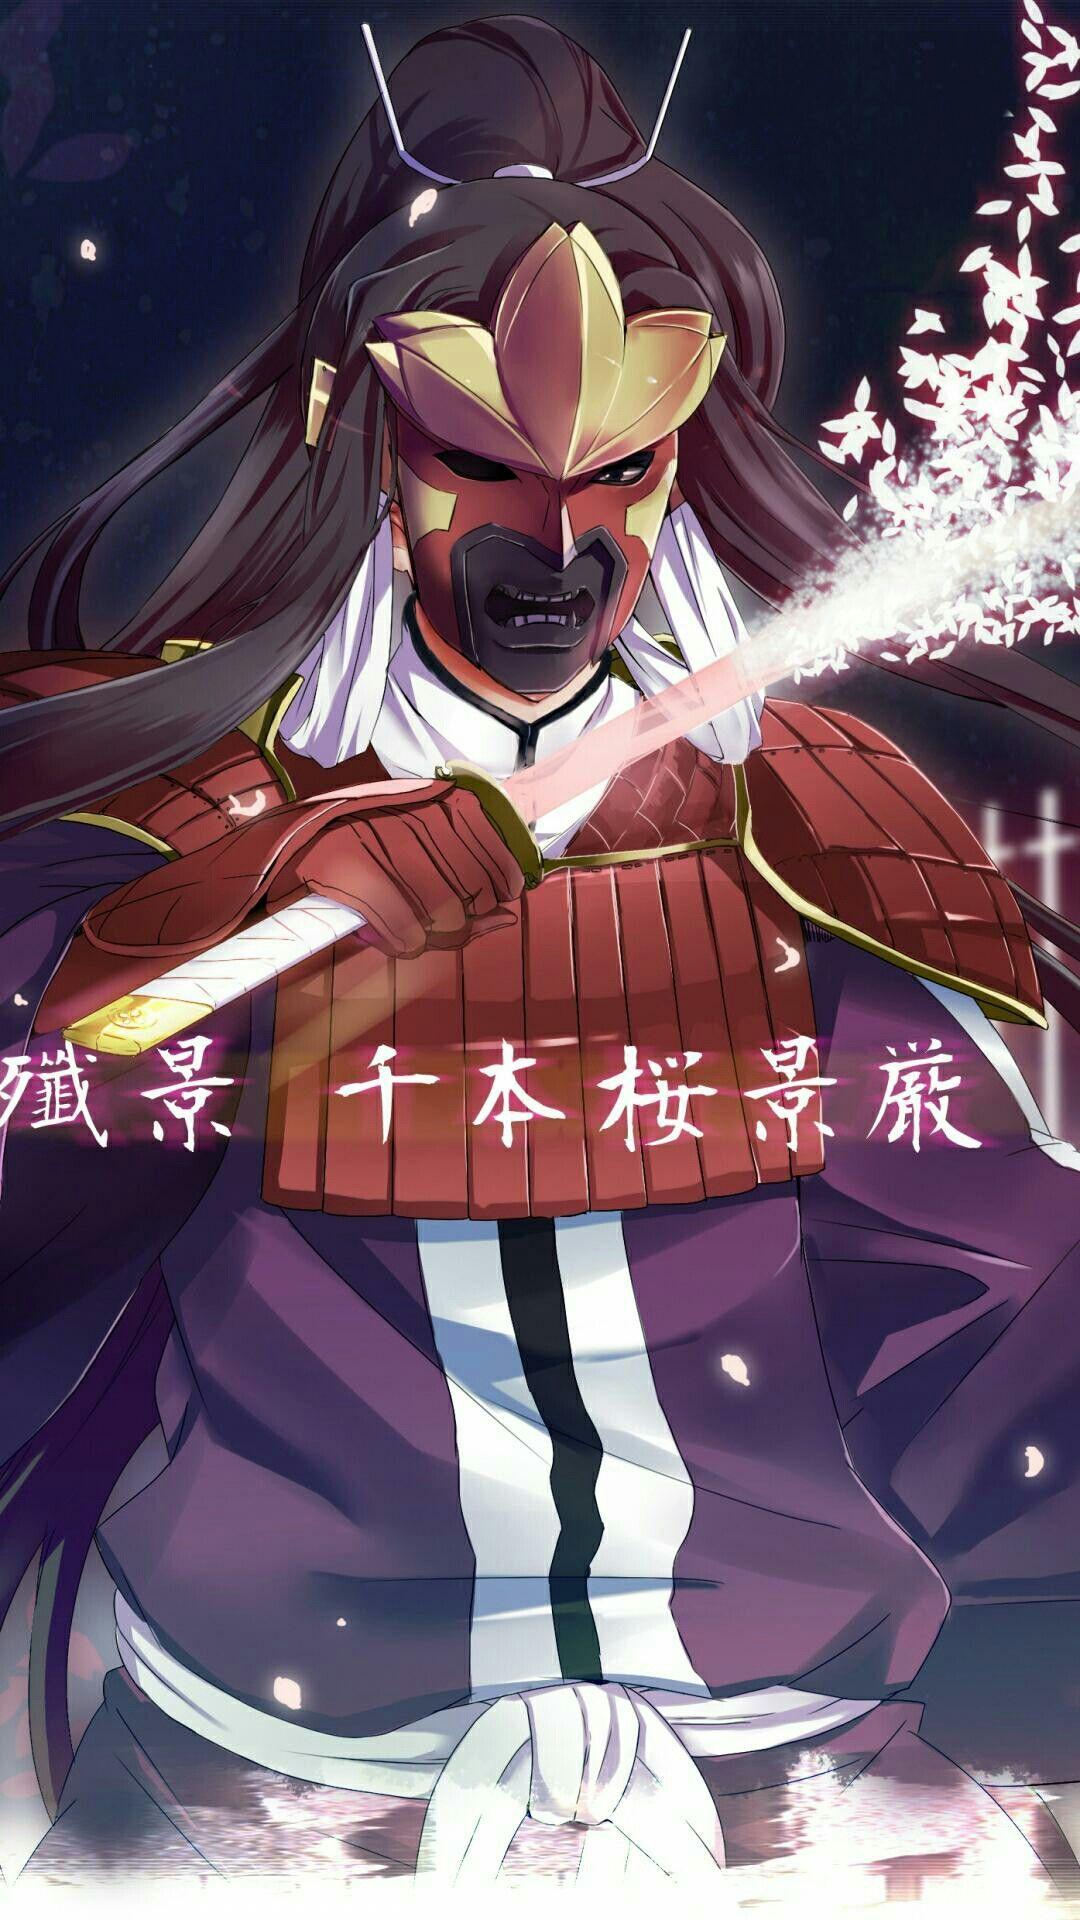 896851_1494101526 Bleach anime, Bleach art, Bleach